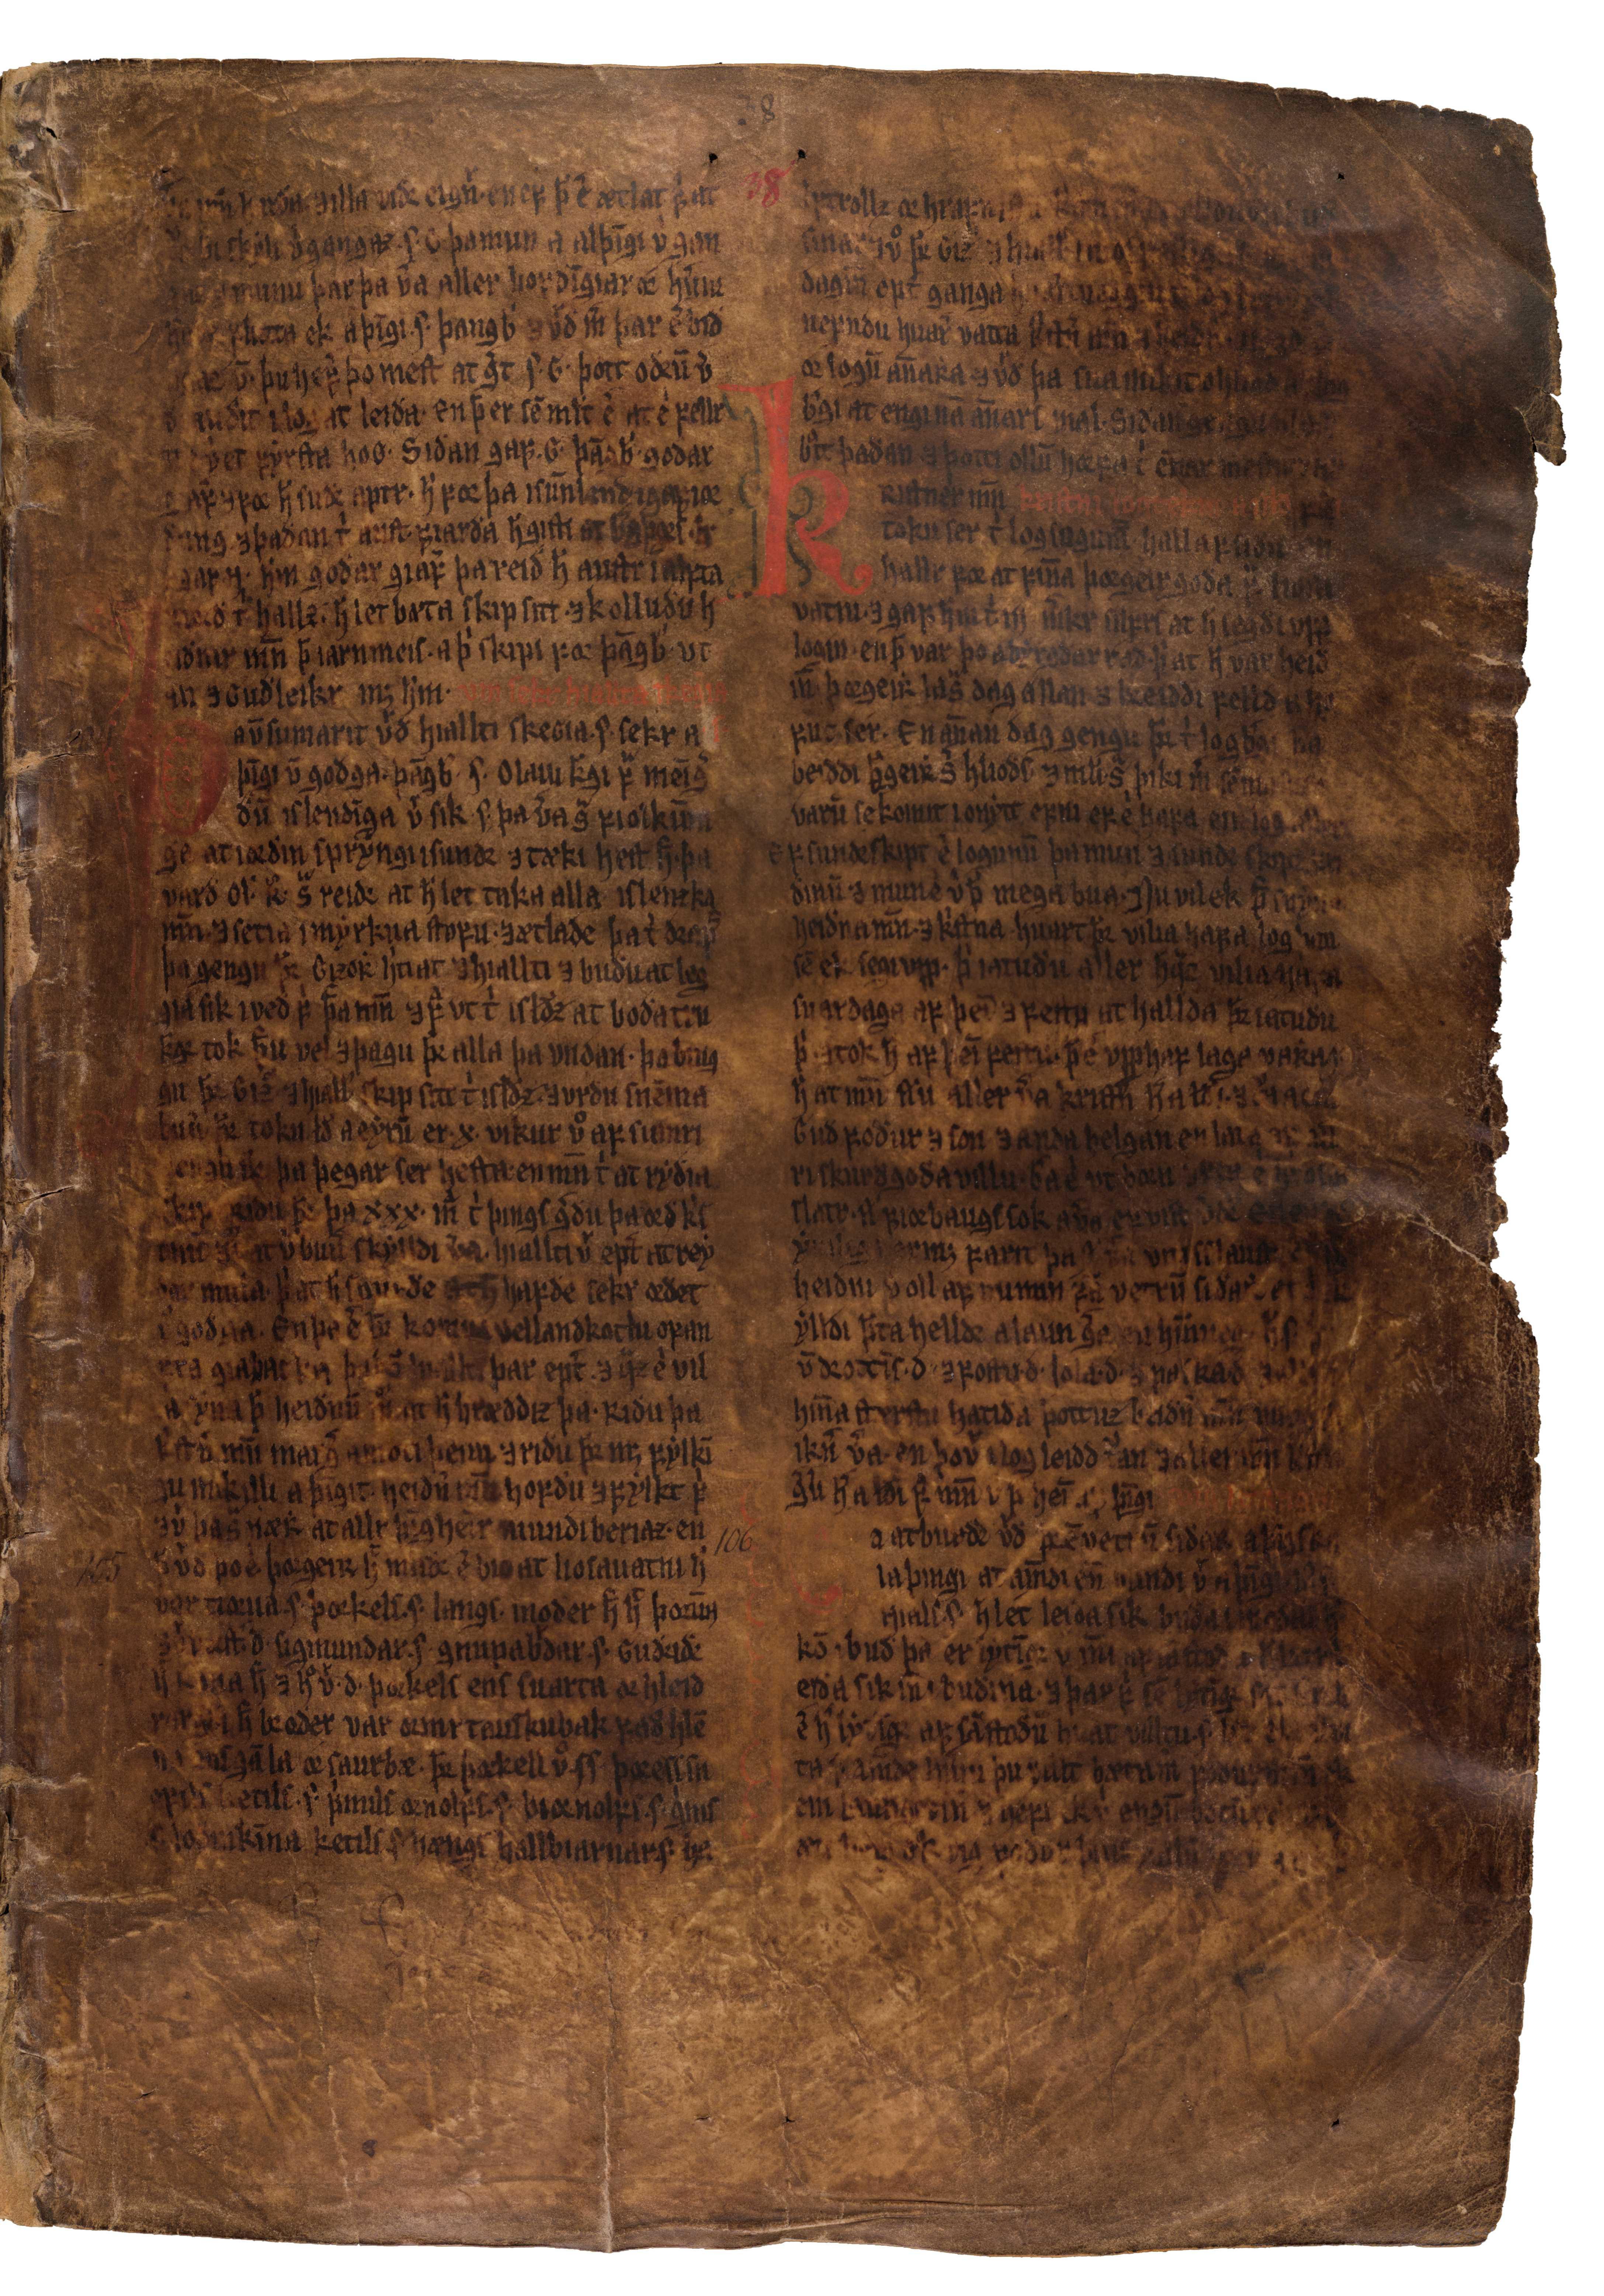 AM 132 fol - 38r